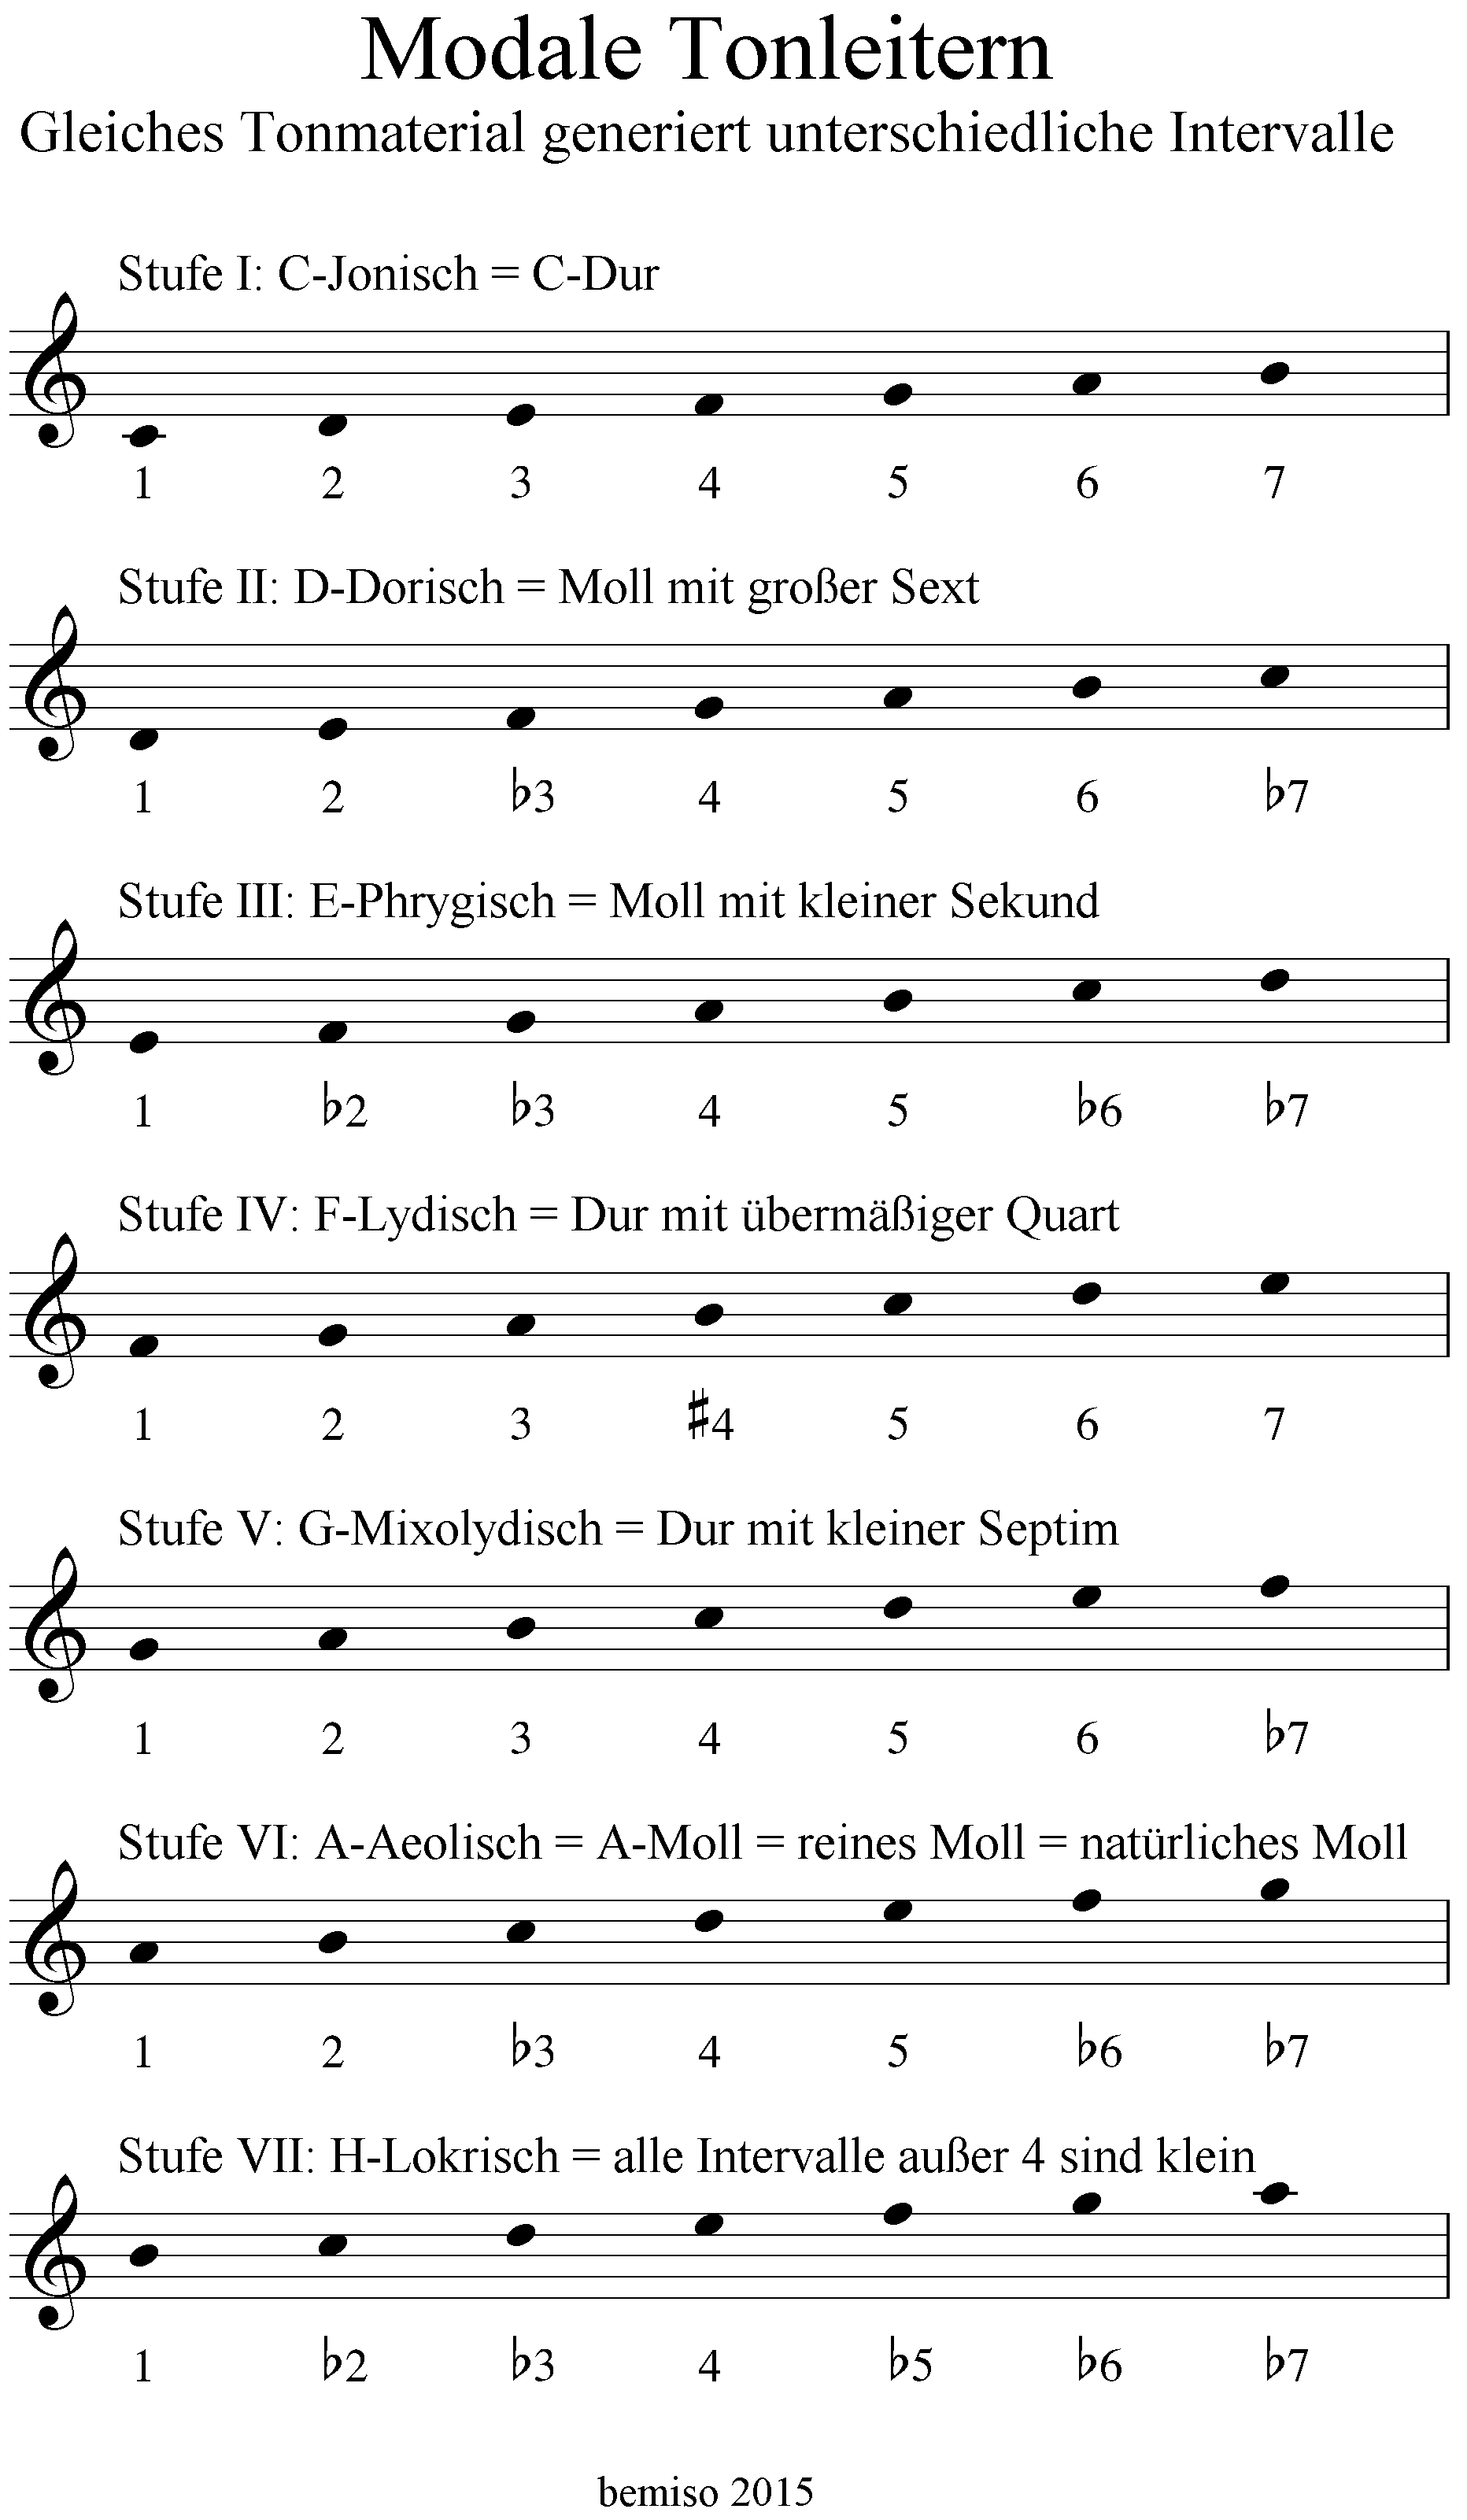 Modale Tonleitern Stufe 1 bis 7